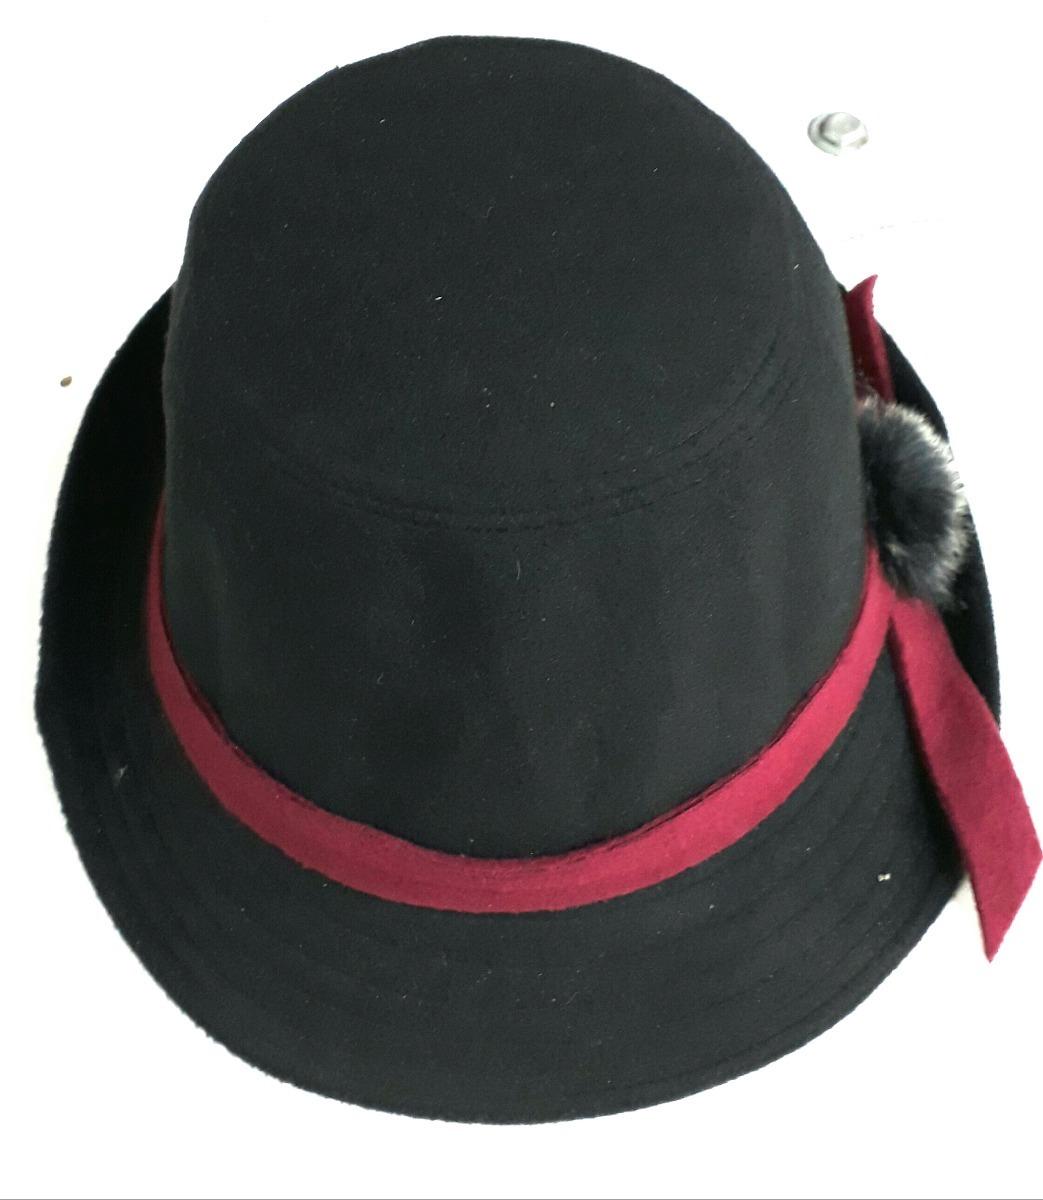 d0357ec2e1304 chapéu clássico côco aba curta feltro lã preto feminino. Carregando zoom.